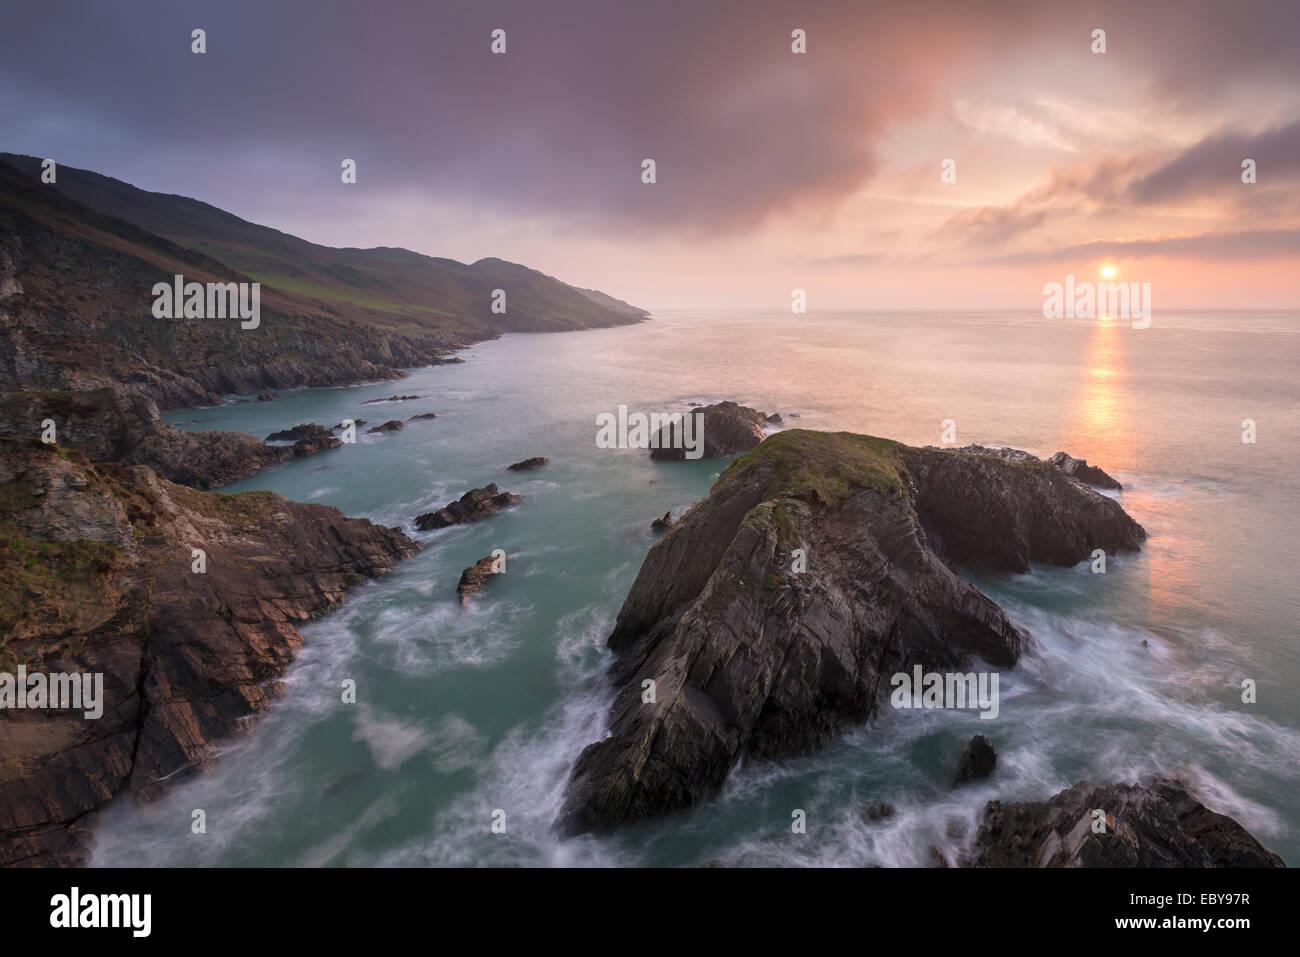 Puesta de sol sobre el norte de la costa de Devon, Inglaterra. La primavera (abril) de 2014. Imagen De Stock